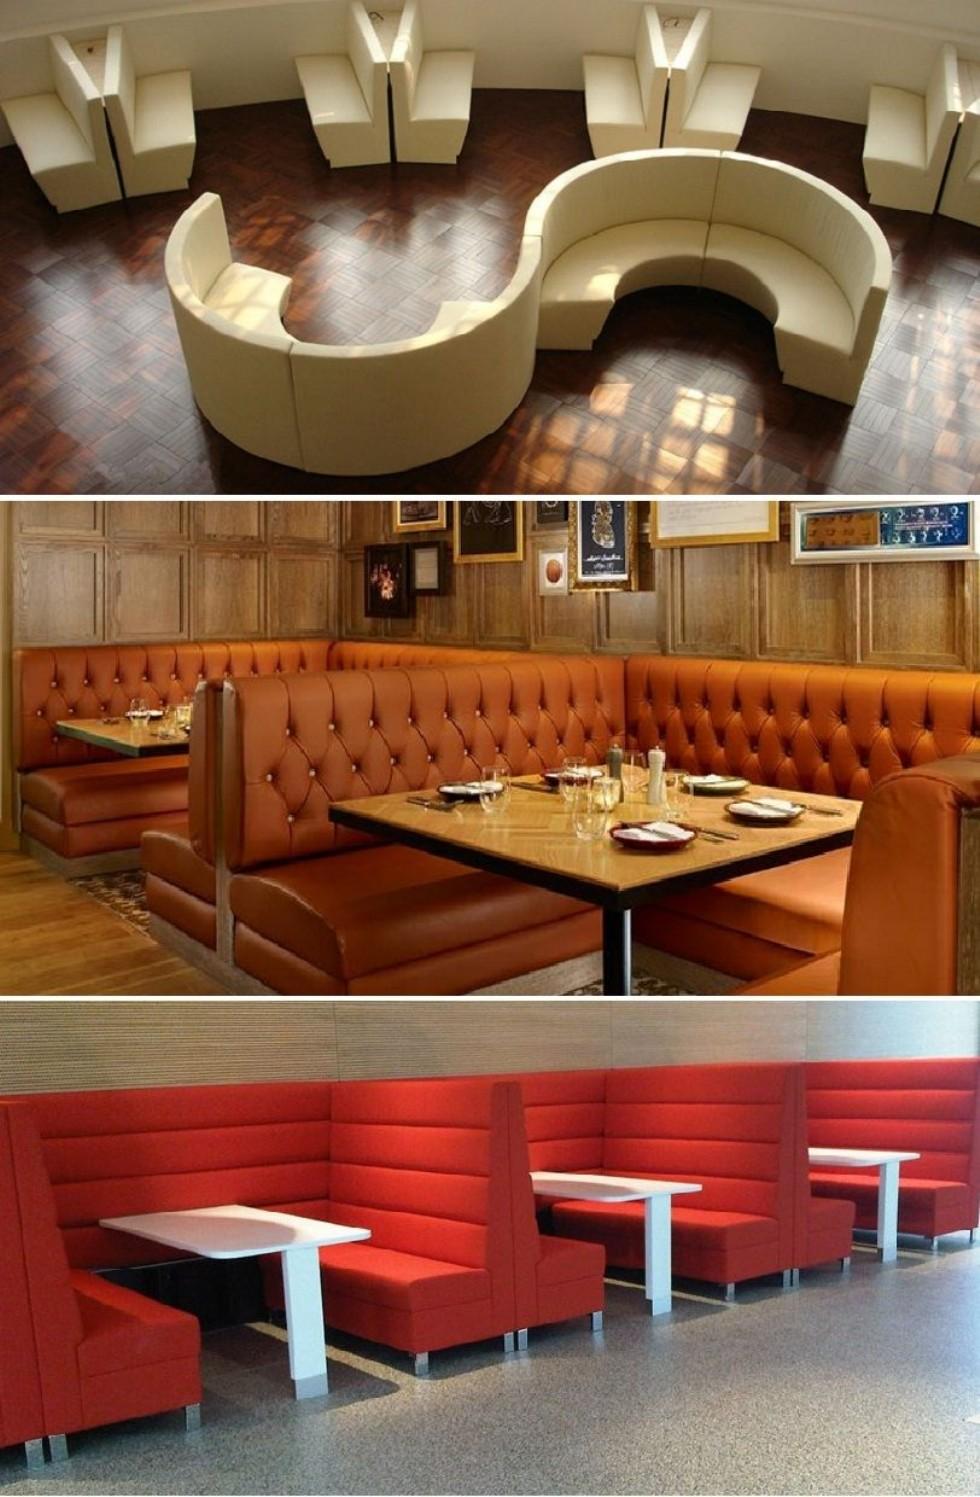 Kodu: 7869 - Özel Restoran Sedir Koltuk Tasarımları Chester Modeller